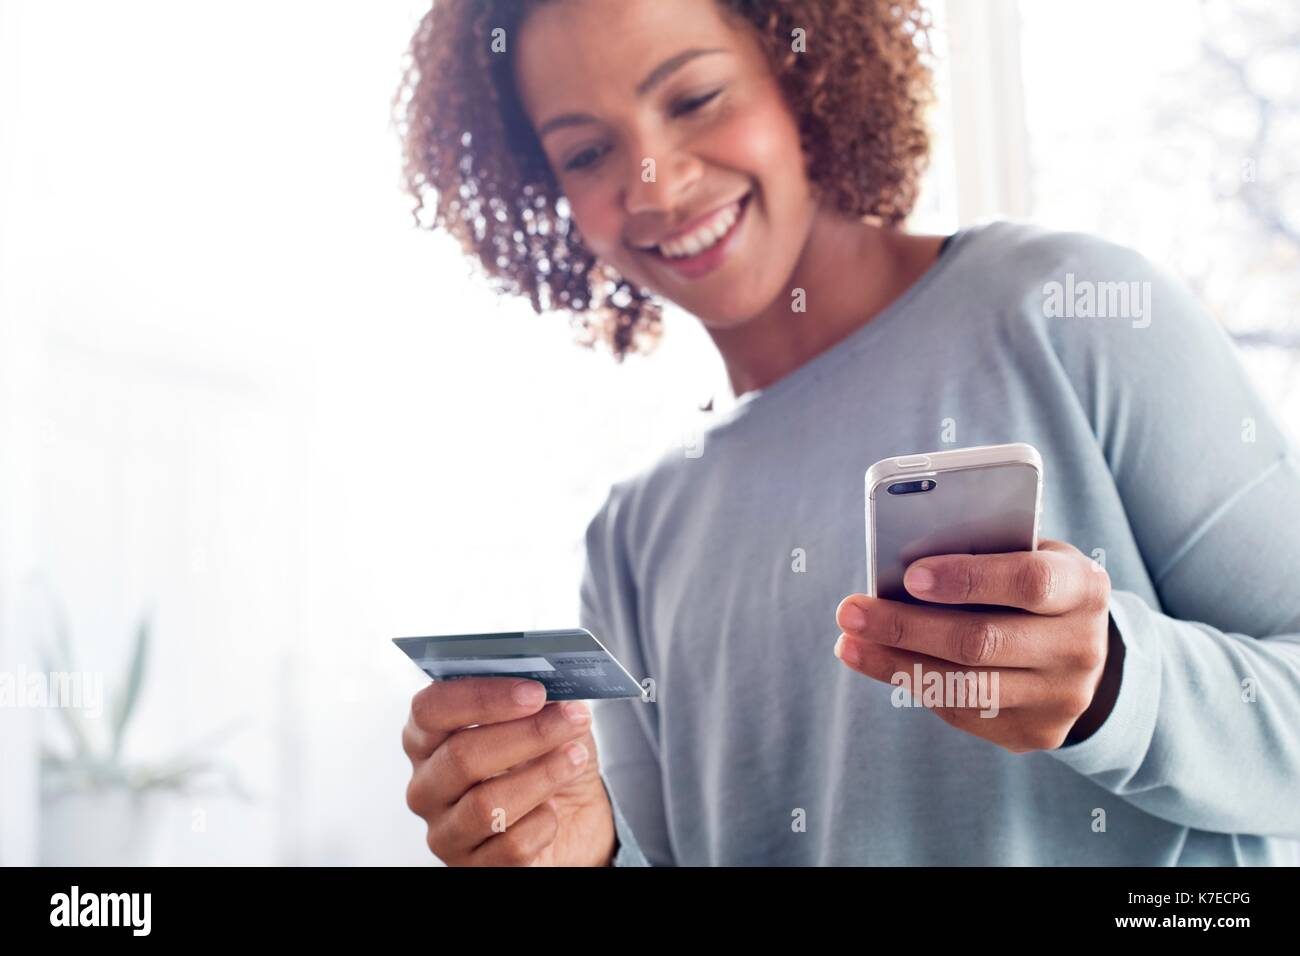 Mitte der erwachsenen Frau mit Kreditkarte und Handy. Stockbild